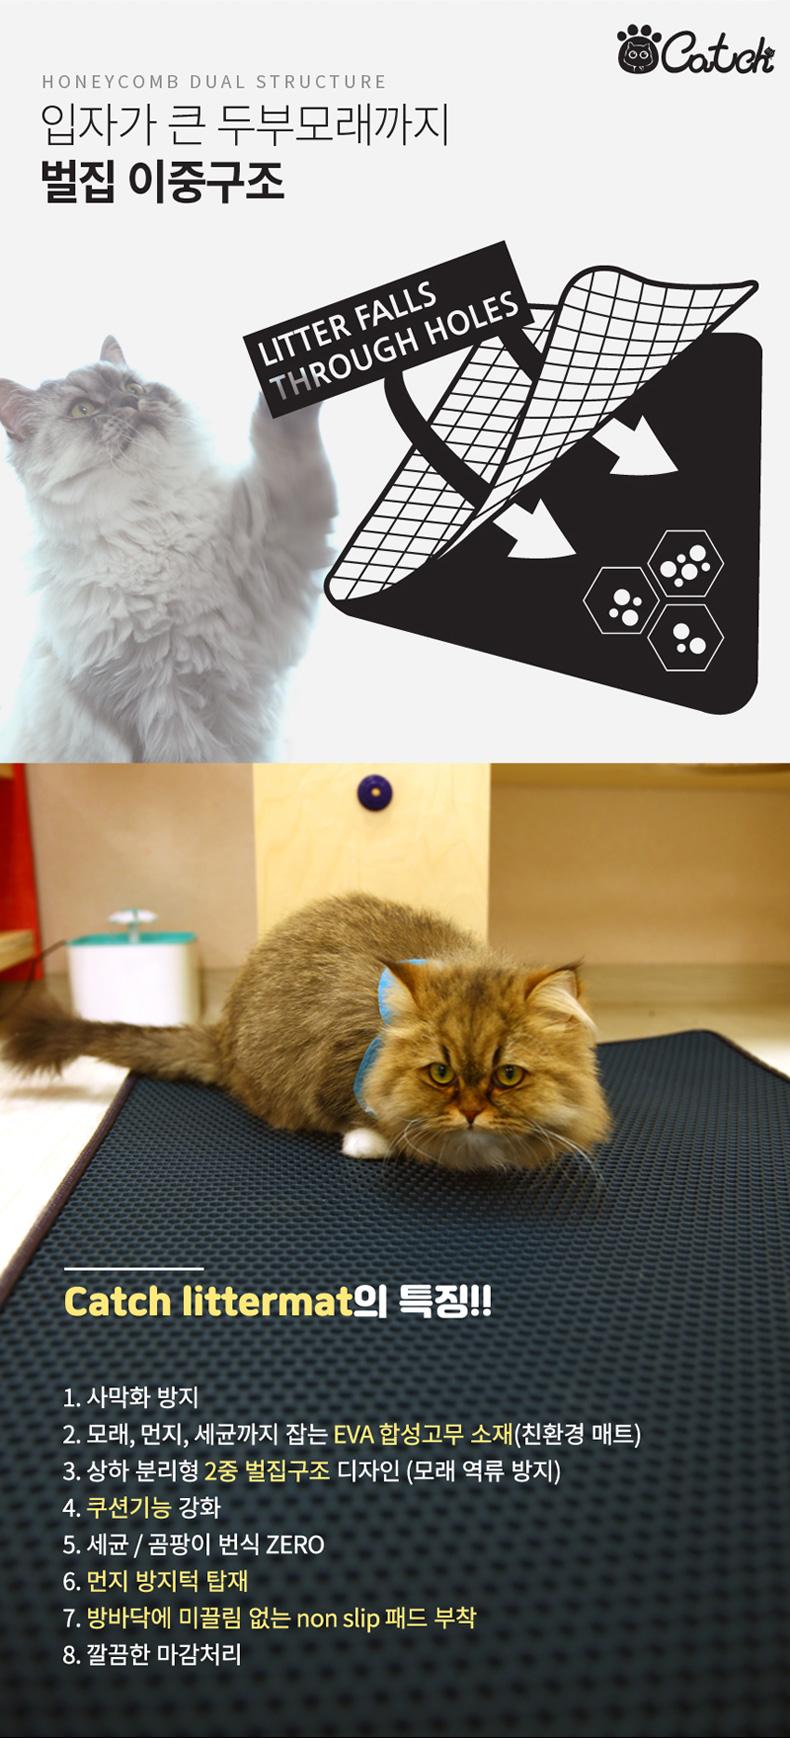 캐치 고양이 사막화 방지 화장실 매트24,900원-미니플펫샵, 고양이용품, 화장실/위생용품, 화장실 매트바보사랑캐치 고양이 사막화 방지 화장실 매트24,900원-미니플펫샵, 고양이용품, 화장실/위생용품, 화장실 매트바보사랑